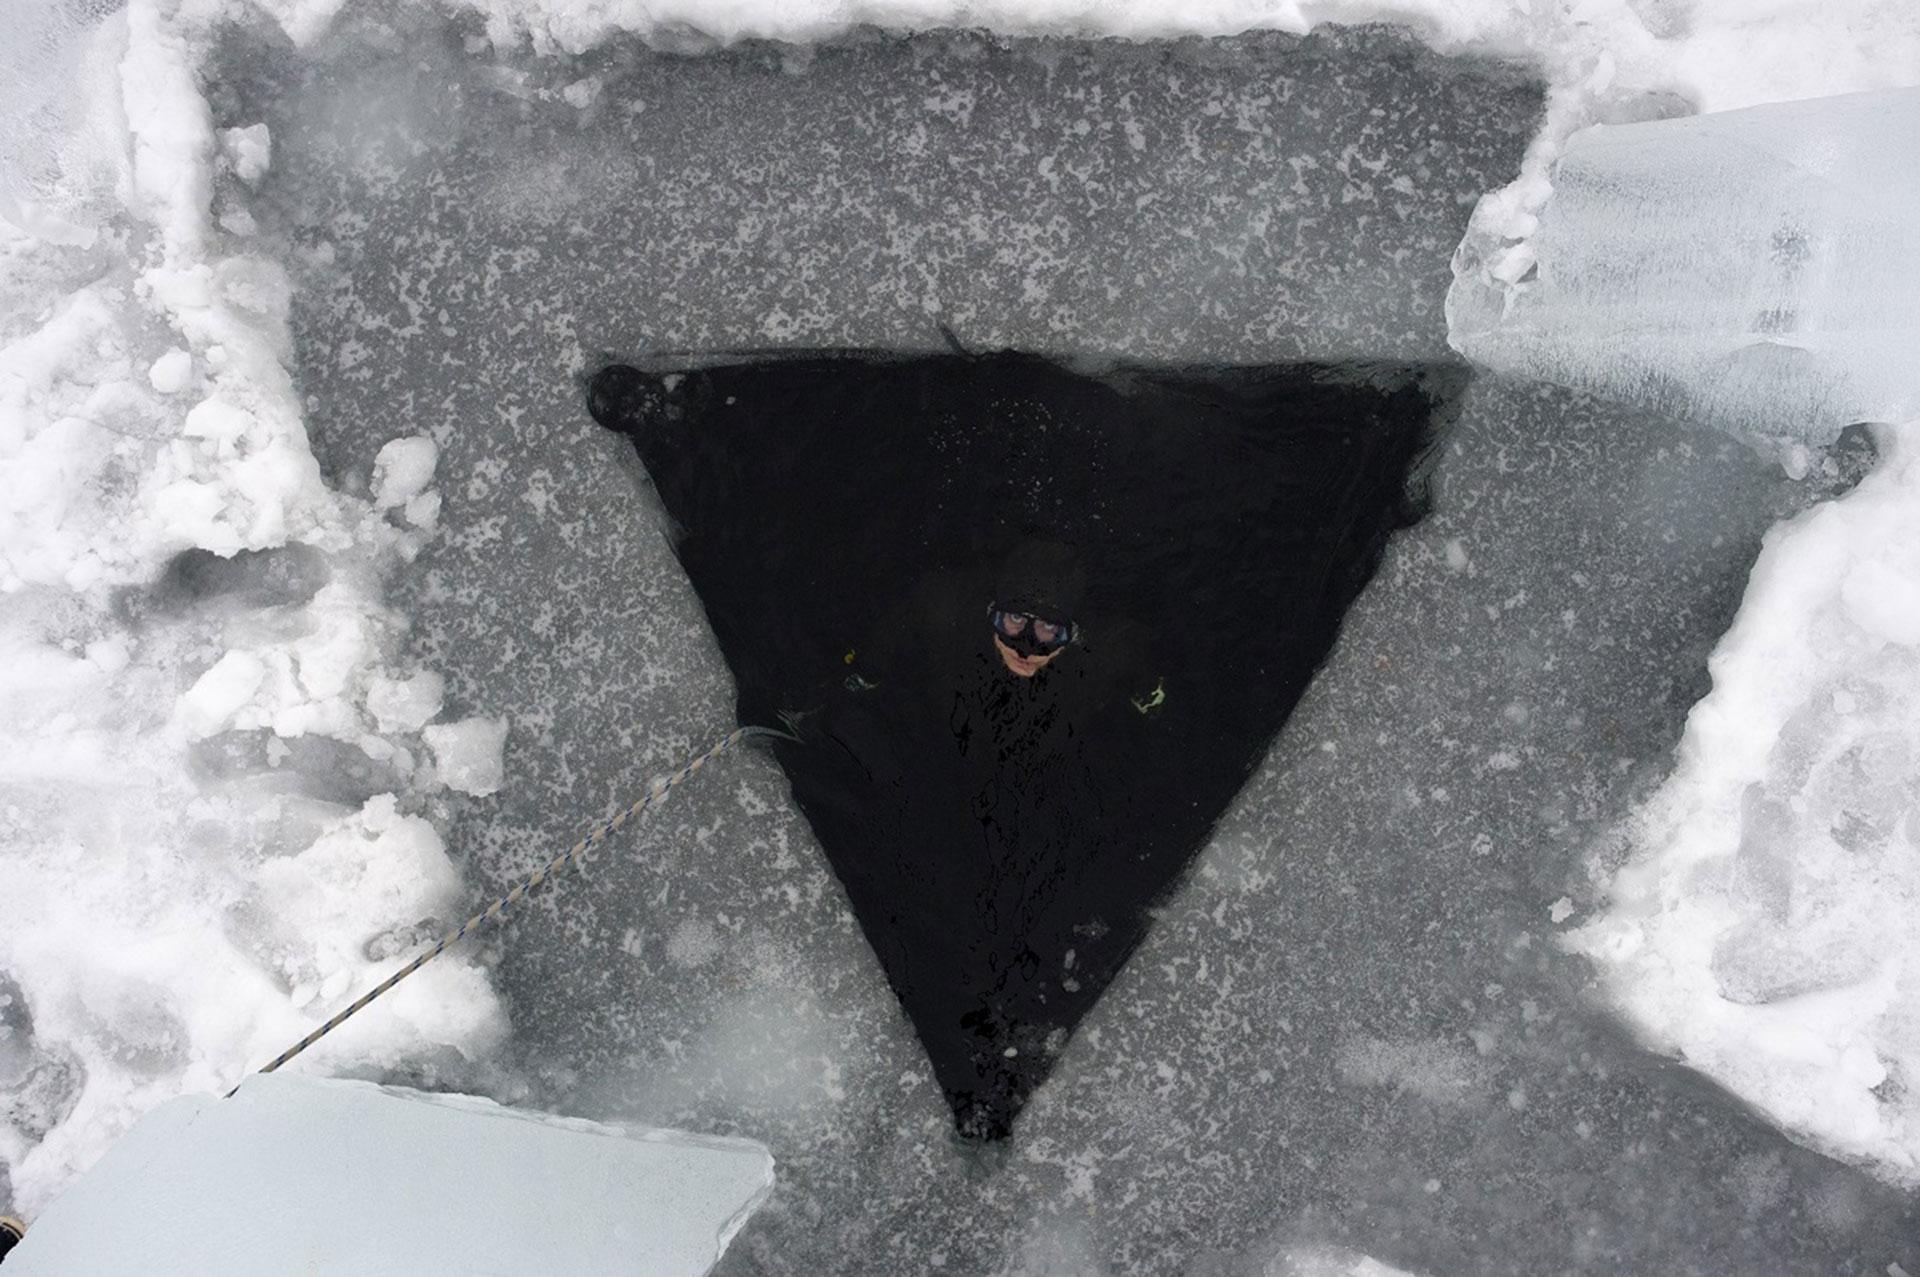 El agujero triangular que deben taladrar para bucear bajo hielo (AFP)